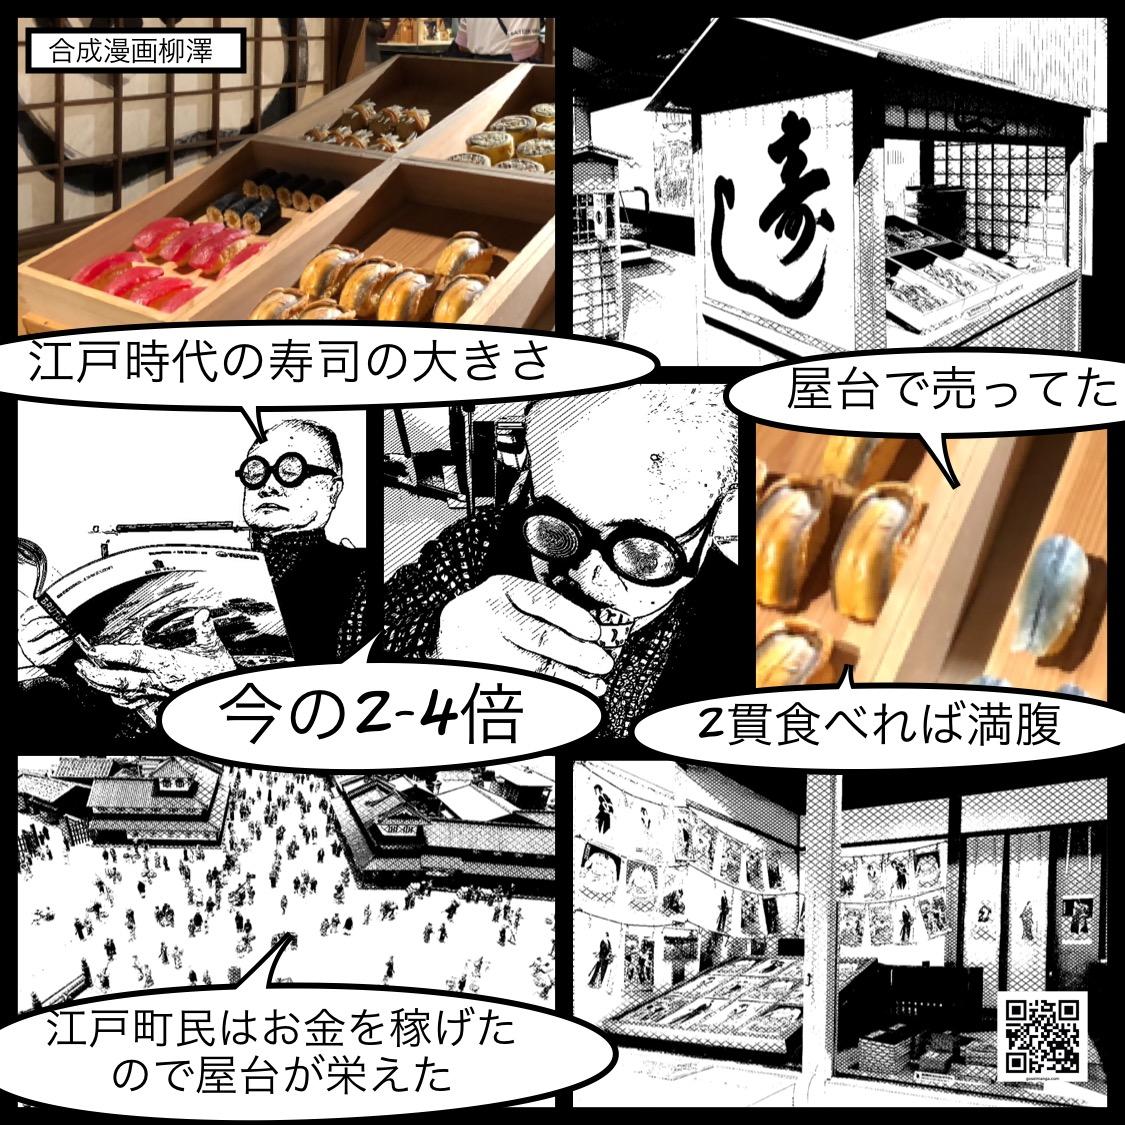 江戸の寿司